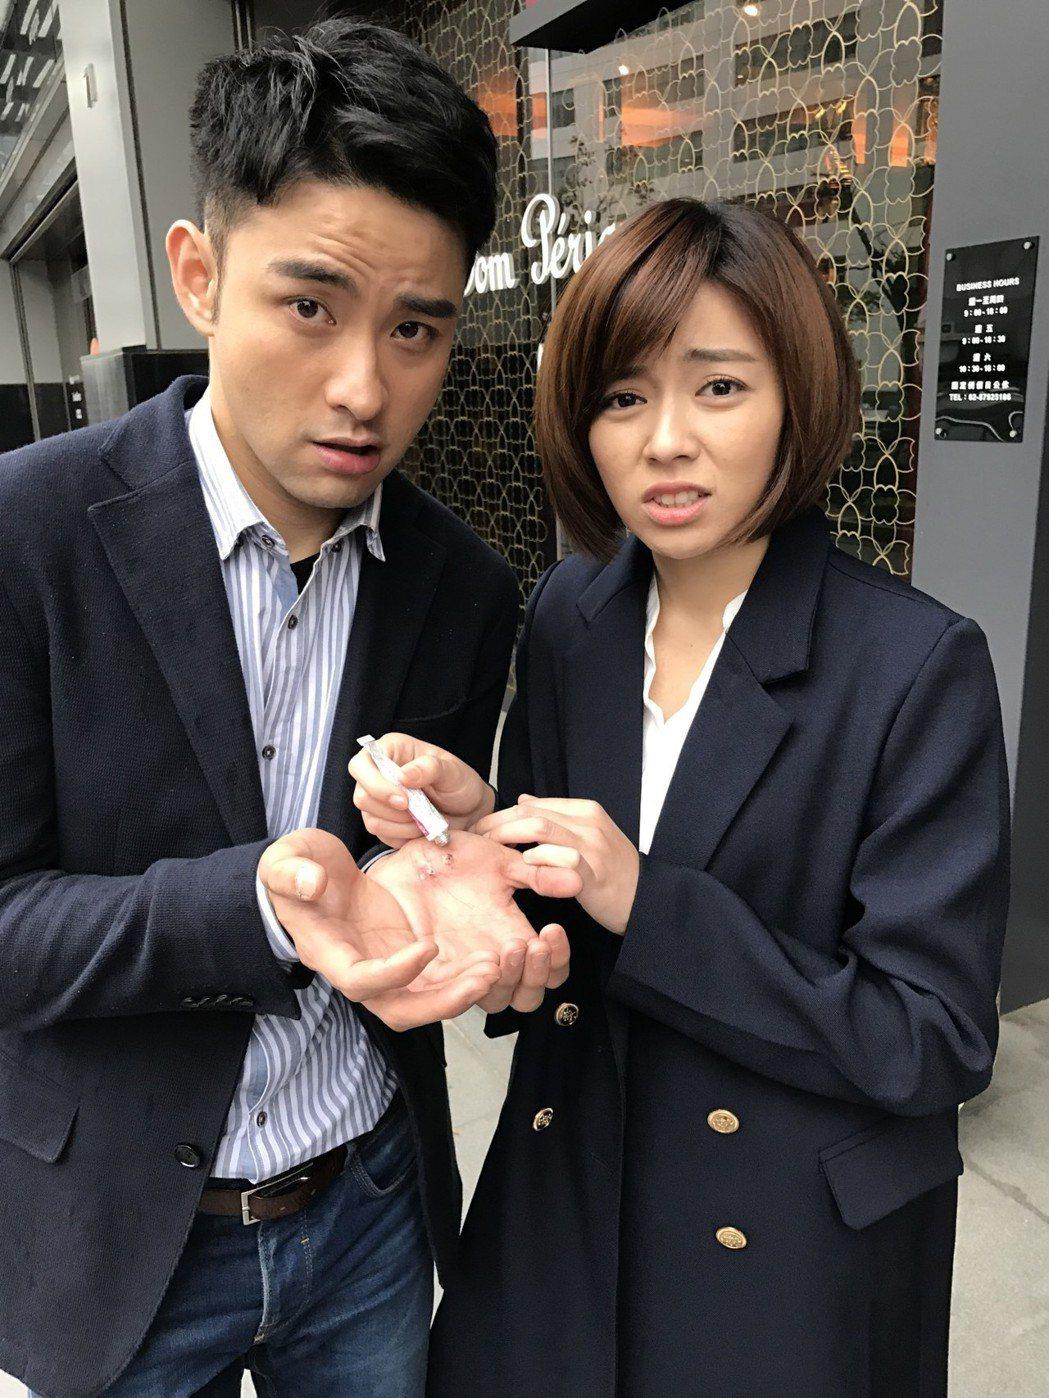 潘柏希(左)拍戲用力過猛手掌受傷,王瞳幫忙擦藥。圖/民視提供